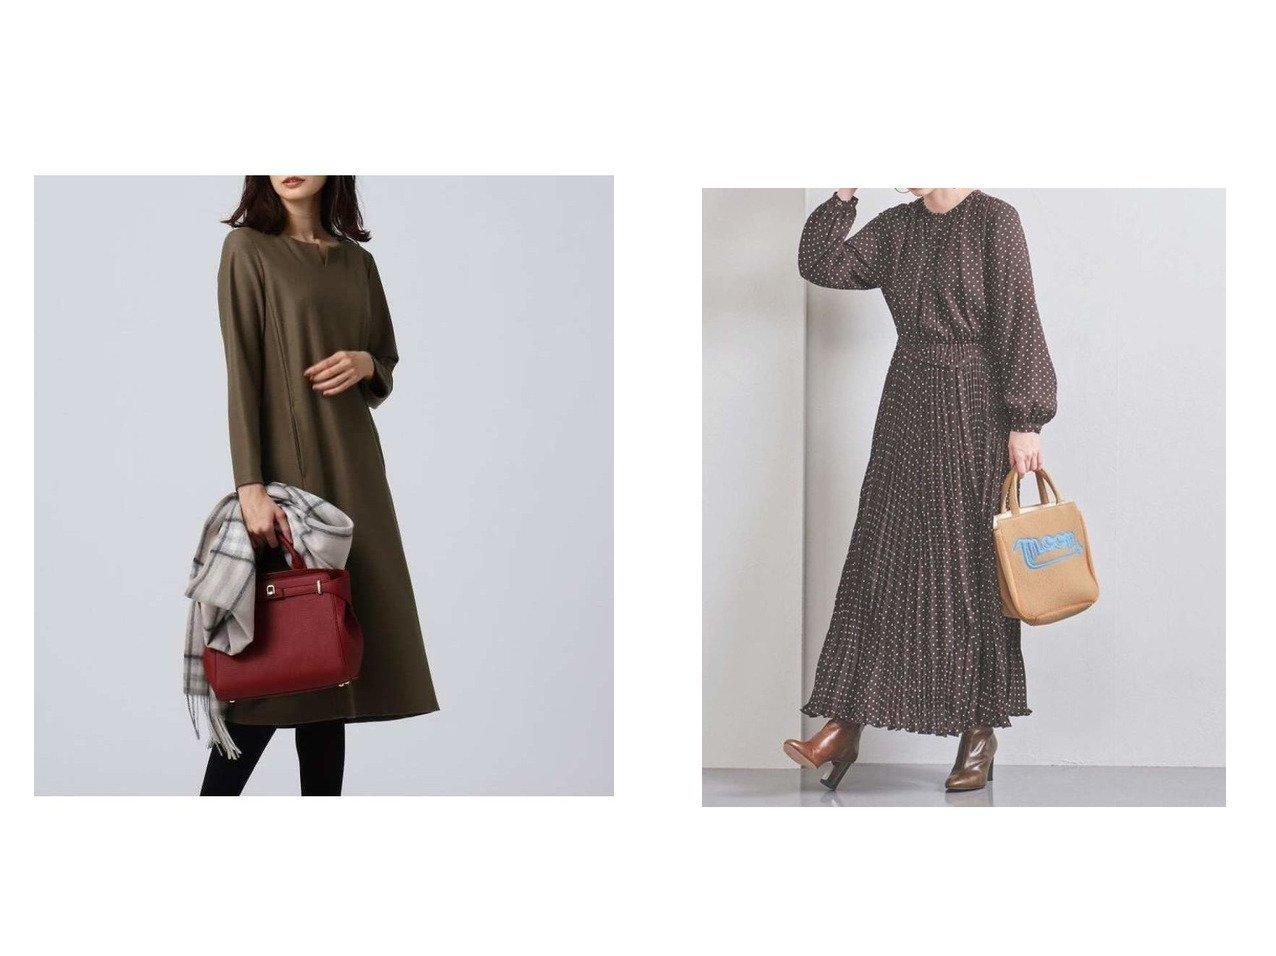 【UNTITLED/アンタイトル】のウールジャージキーネックワンピース&【UNITED ARROWS/ユナイテッドアローズ】のUWFM ドット プリーツ マキシワンピース ワンピース・ドレスのおすすめ!人気、レディースファッションの通販 おすすめで人気のファッション通販商品 インテリア・家具・キッズファッション・メンズファッション・レディースファッション・服の通販 founy(ファニー) https://founy.com/ ファッション Fashion レディース WOMEN ワンピース Dress トップス Tops Tshirt シャツ/ブラウス Shirts Blouses シャツワンピース Shirt Dresses マキシワンピース Maxi Dress シンプル クラシカル サテン ドット プリーツ マキシ ランダム リボン |ID:crp329100000002474